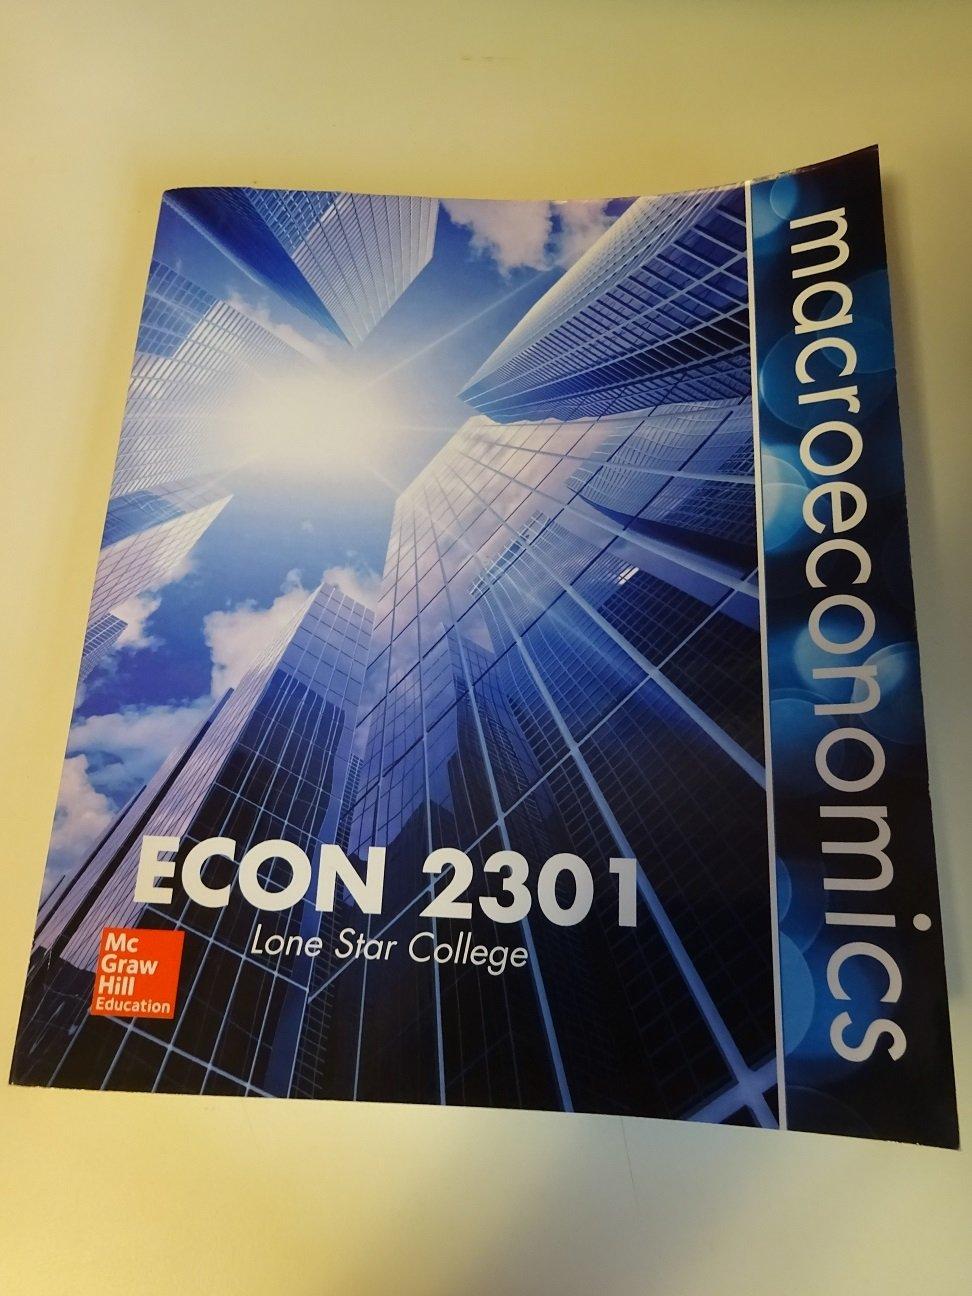 Macroeconomics econ 2301 mcgraw hill 9781259342776 amazon macroeconomics econ 2301 mcgraw hill 9781259342776 amazon books fandeluxe Images